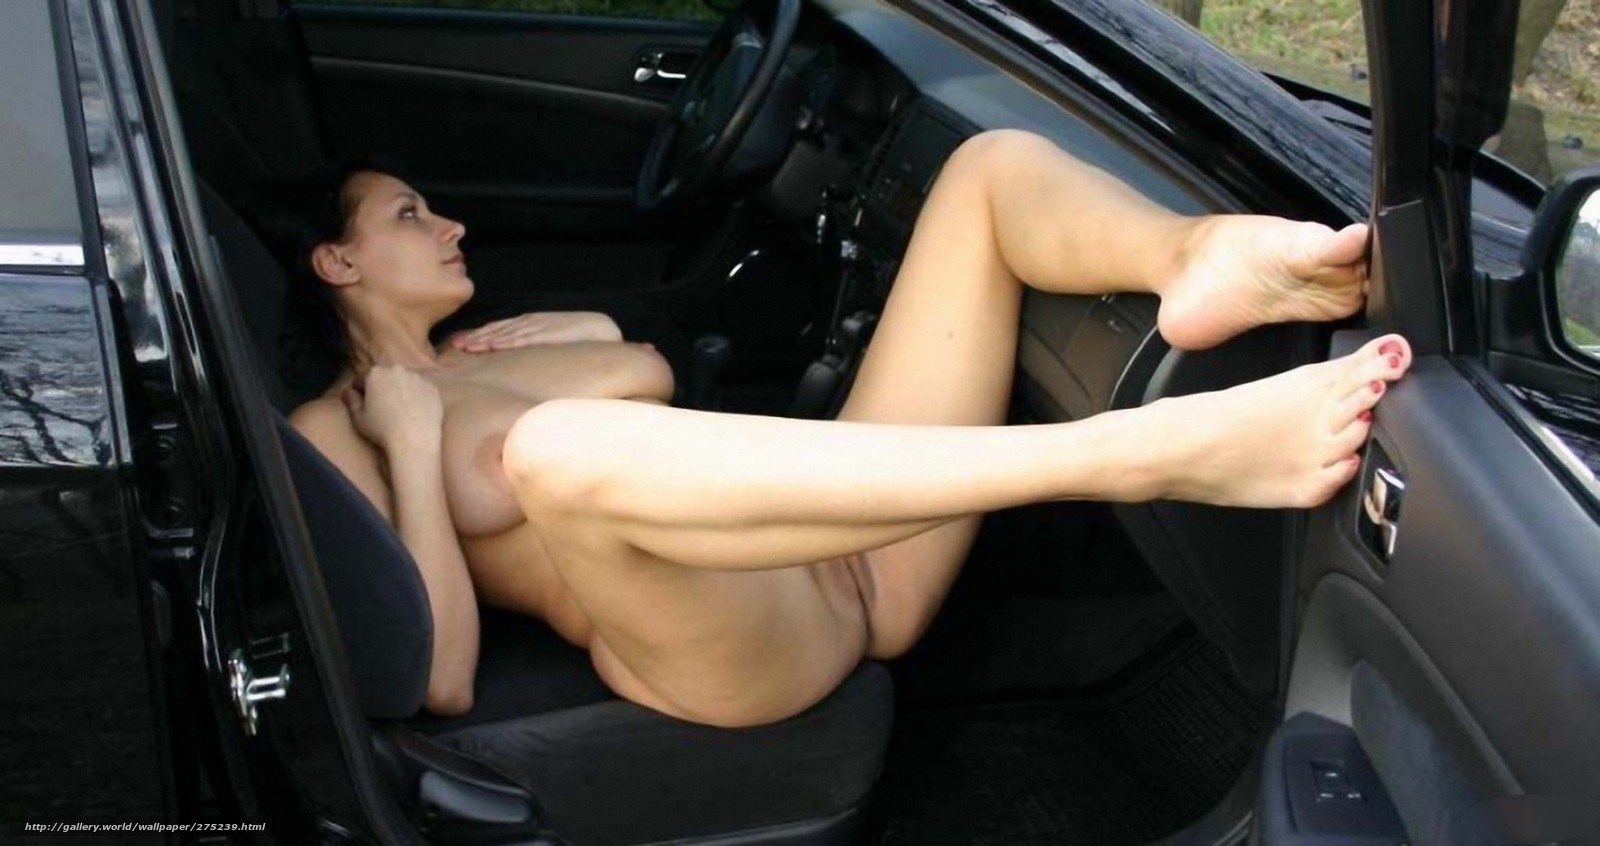 Смотреть онлайн секс в авто 1 фотография